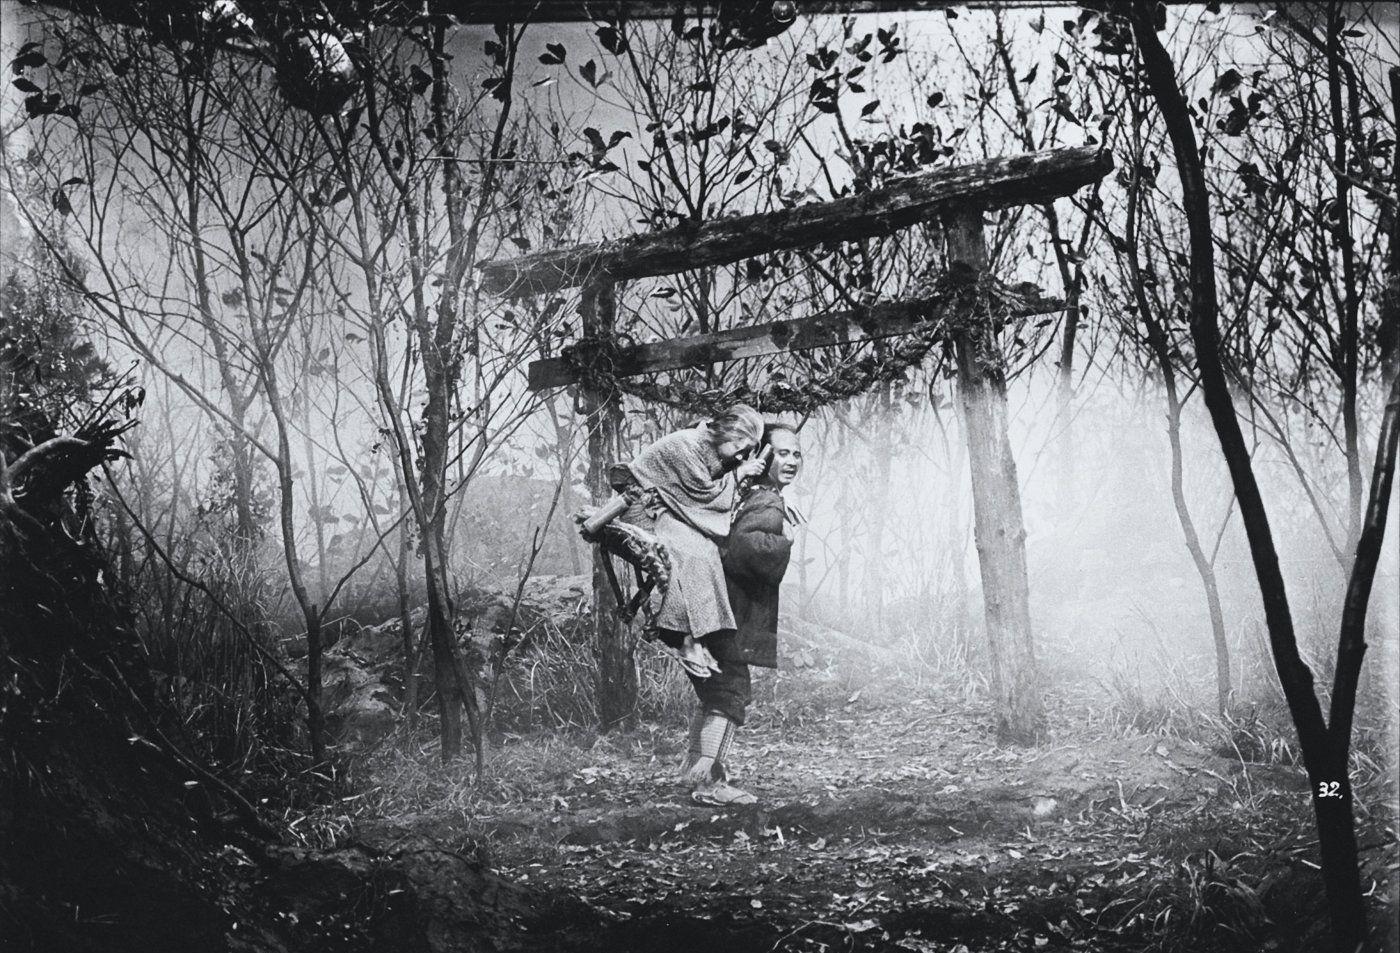 The-Ballad-of-Narayama-1958-di-Keisuke-Kinoshita | Hombres